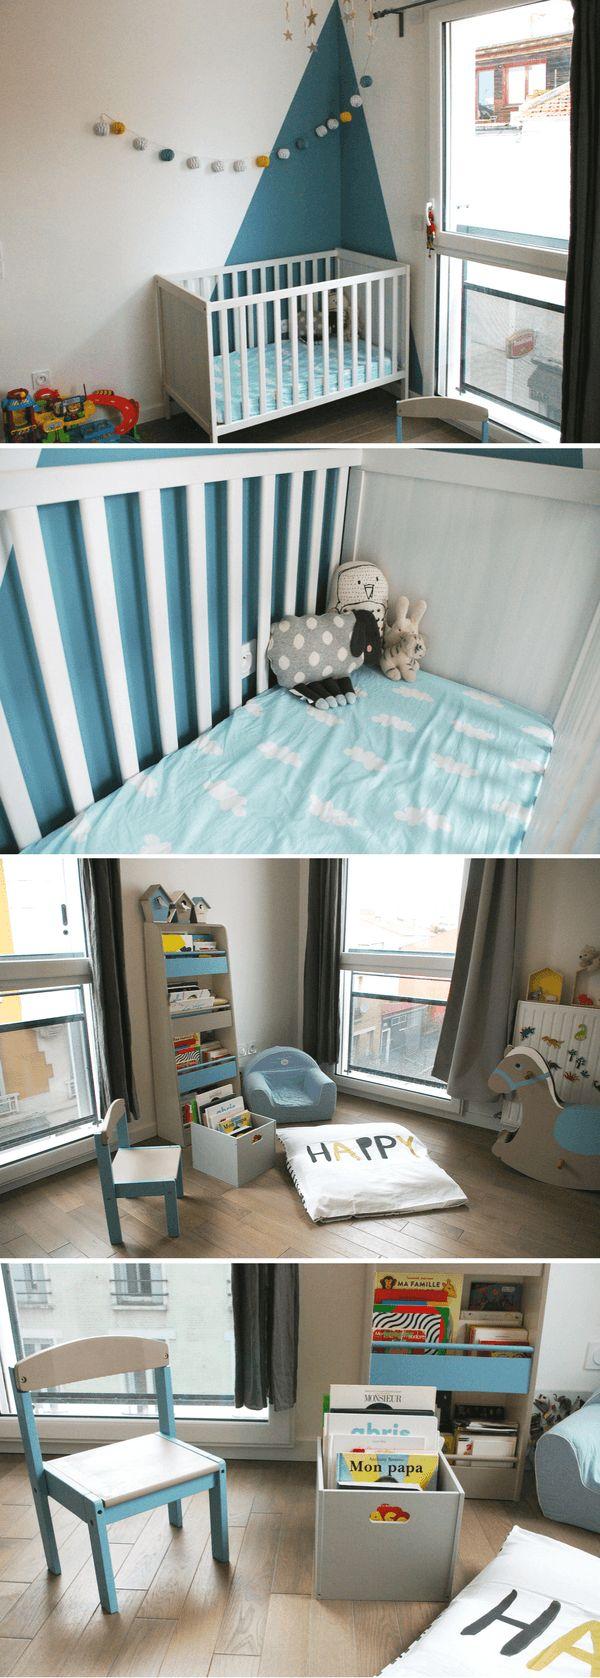 Conseil N°3 pour aménager et décorer la chambre des enfants : on organise l'espace selon les différentes fonctions et zones (sommeil, jeu, étude, rangement...)